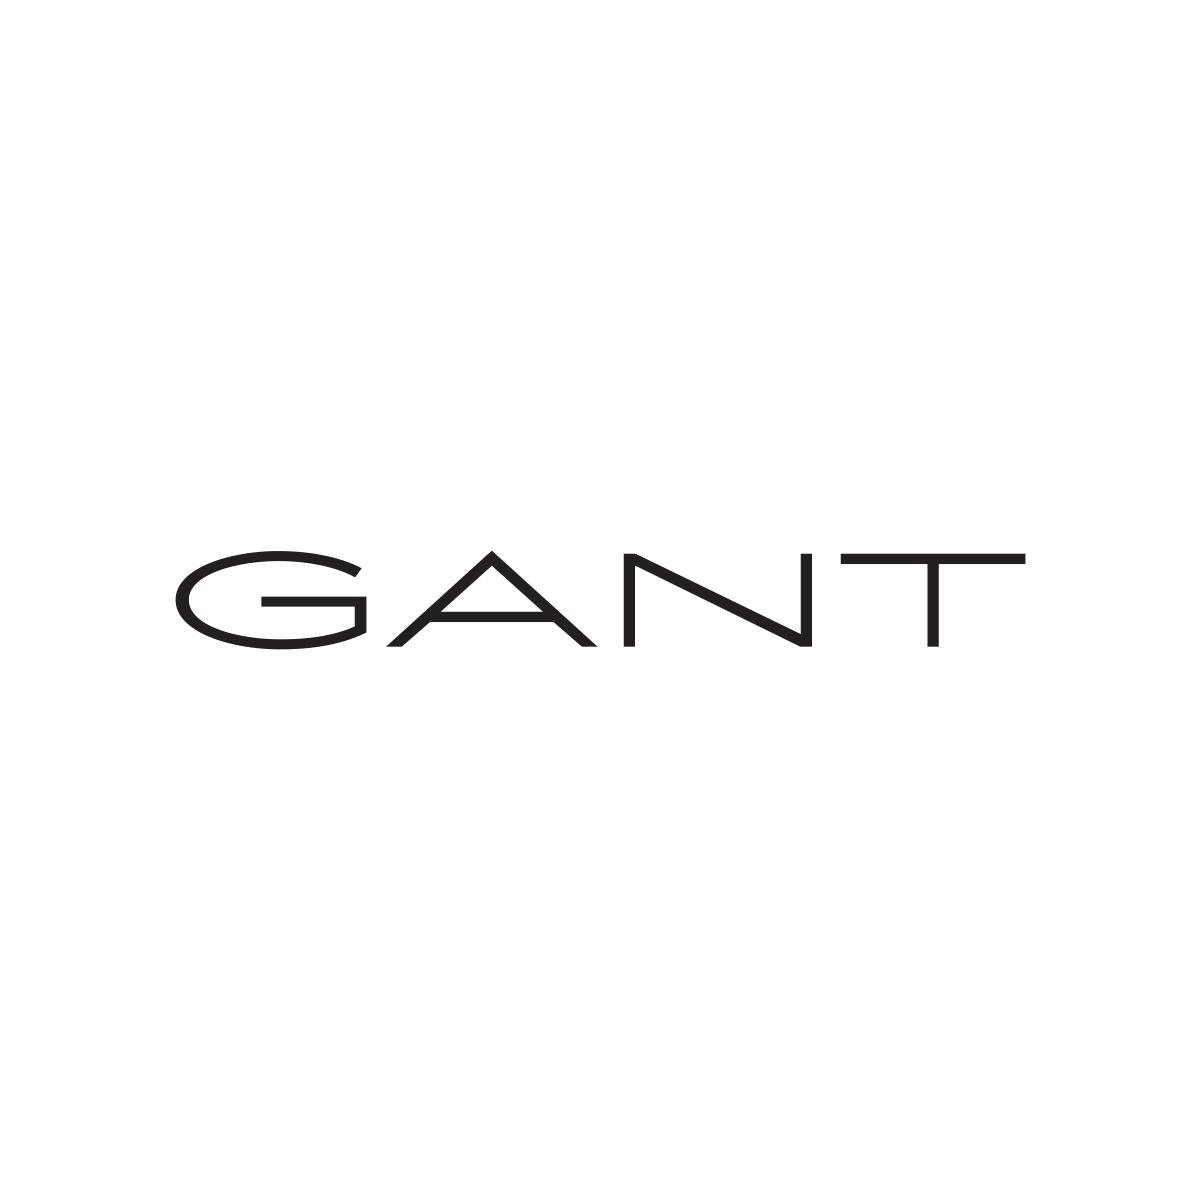 GANT-LOGO_1200x1200px_300dpi.jpg